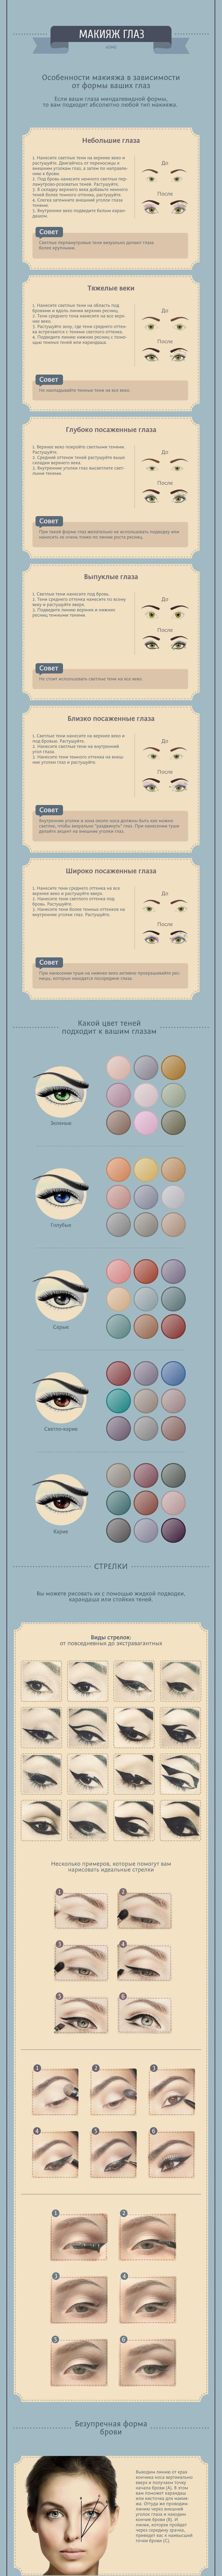 В этой статьевы найдете все секреты макияжа,которые помогут вам быть самойнеотразимой и очаровательной!   Источник